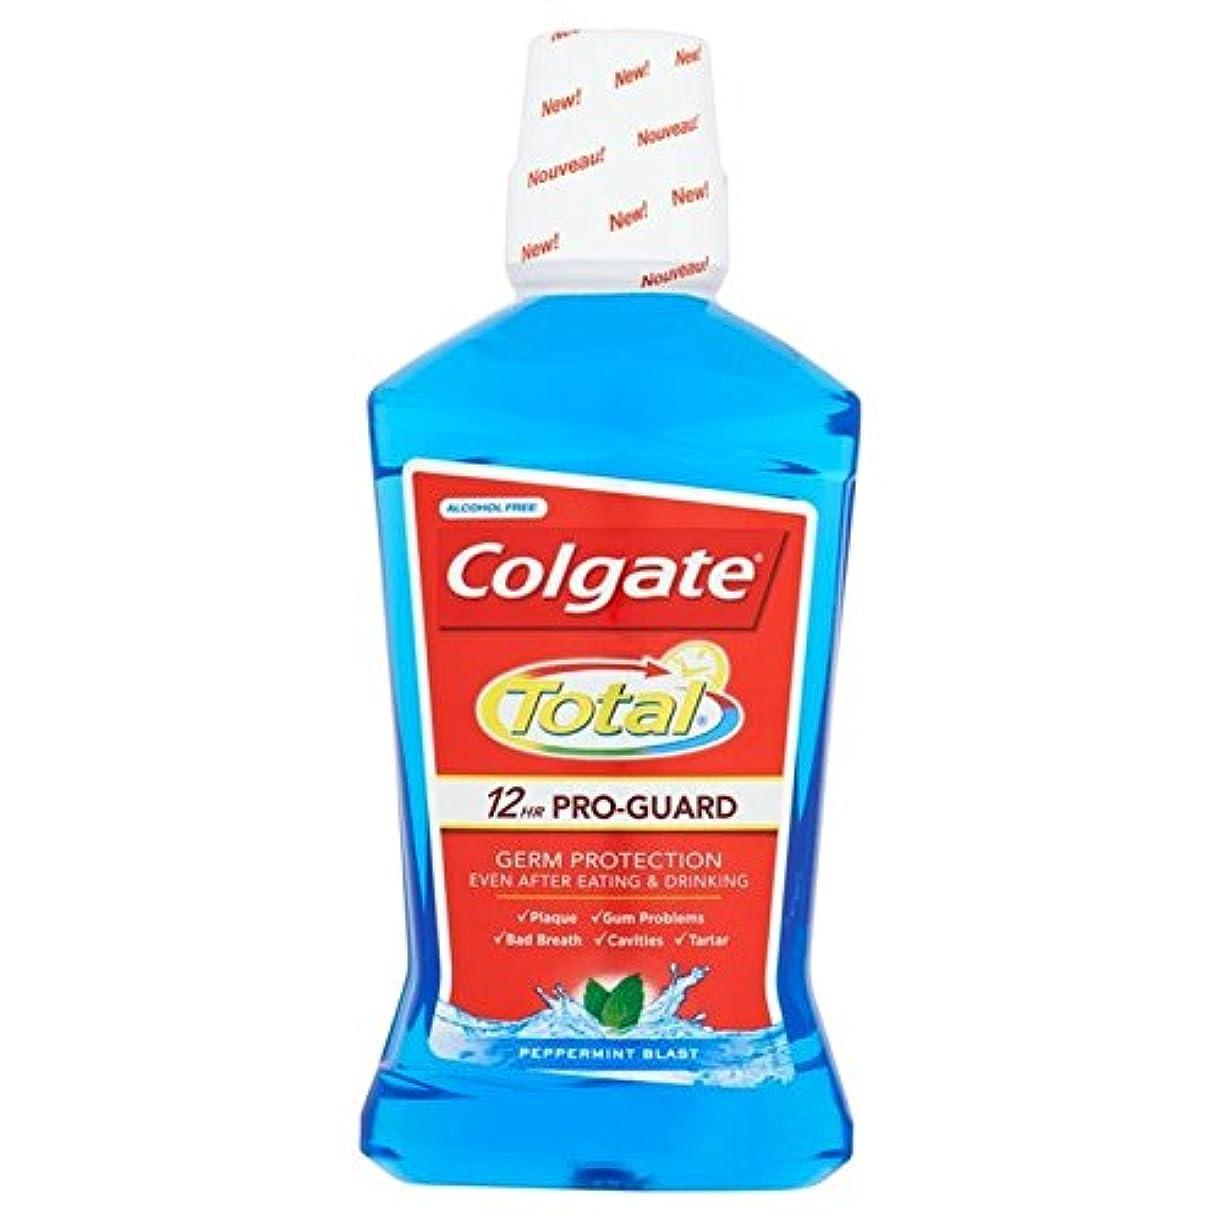 エンジニア現代忘れるコルゲートトータル高度なブルーマウスウォッシュ500ミリリットル x4 - Colgate Total Advanced Blue Mouthwash 500ml (Pack of 4) [並行輸入品]